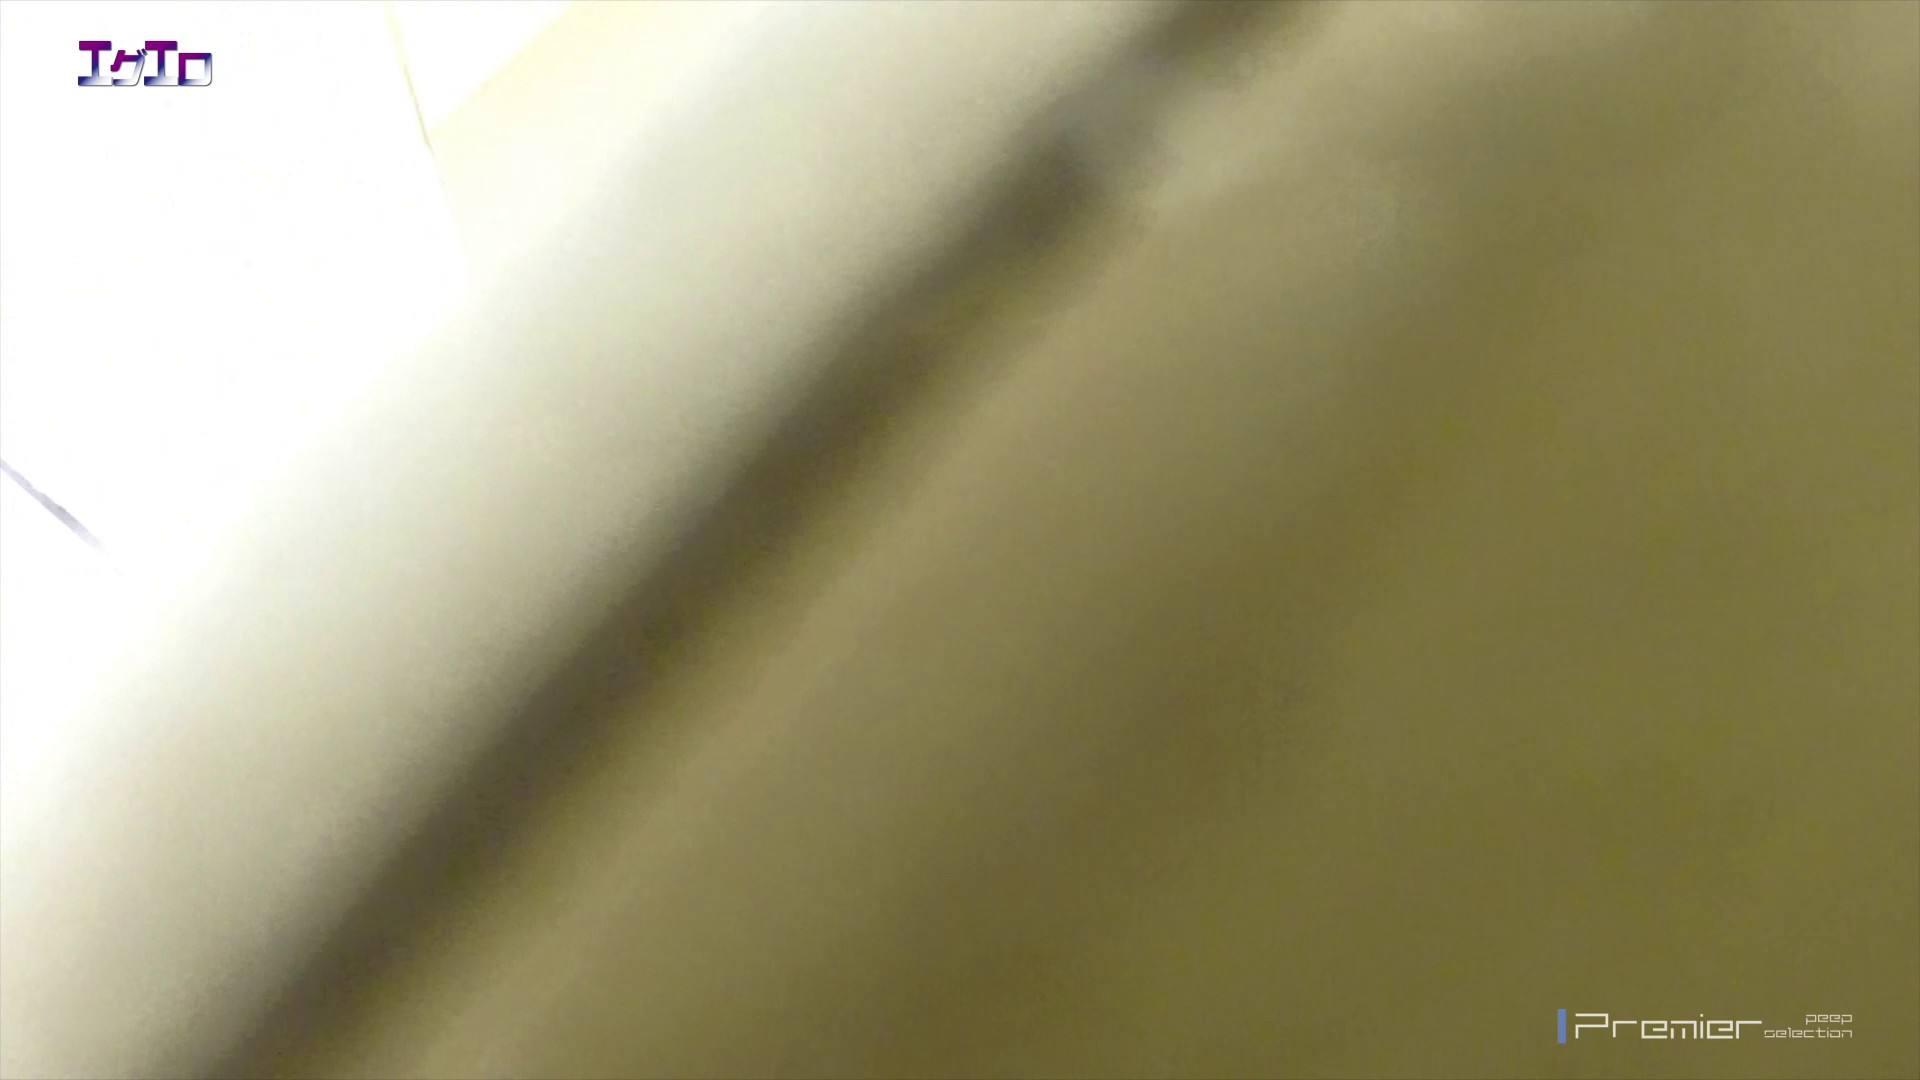 【20位 2016】至近距離洗面所 Vol.01 どうですか?このクオリティ!! 丸見え  50PIX 11